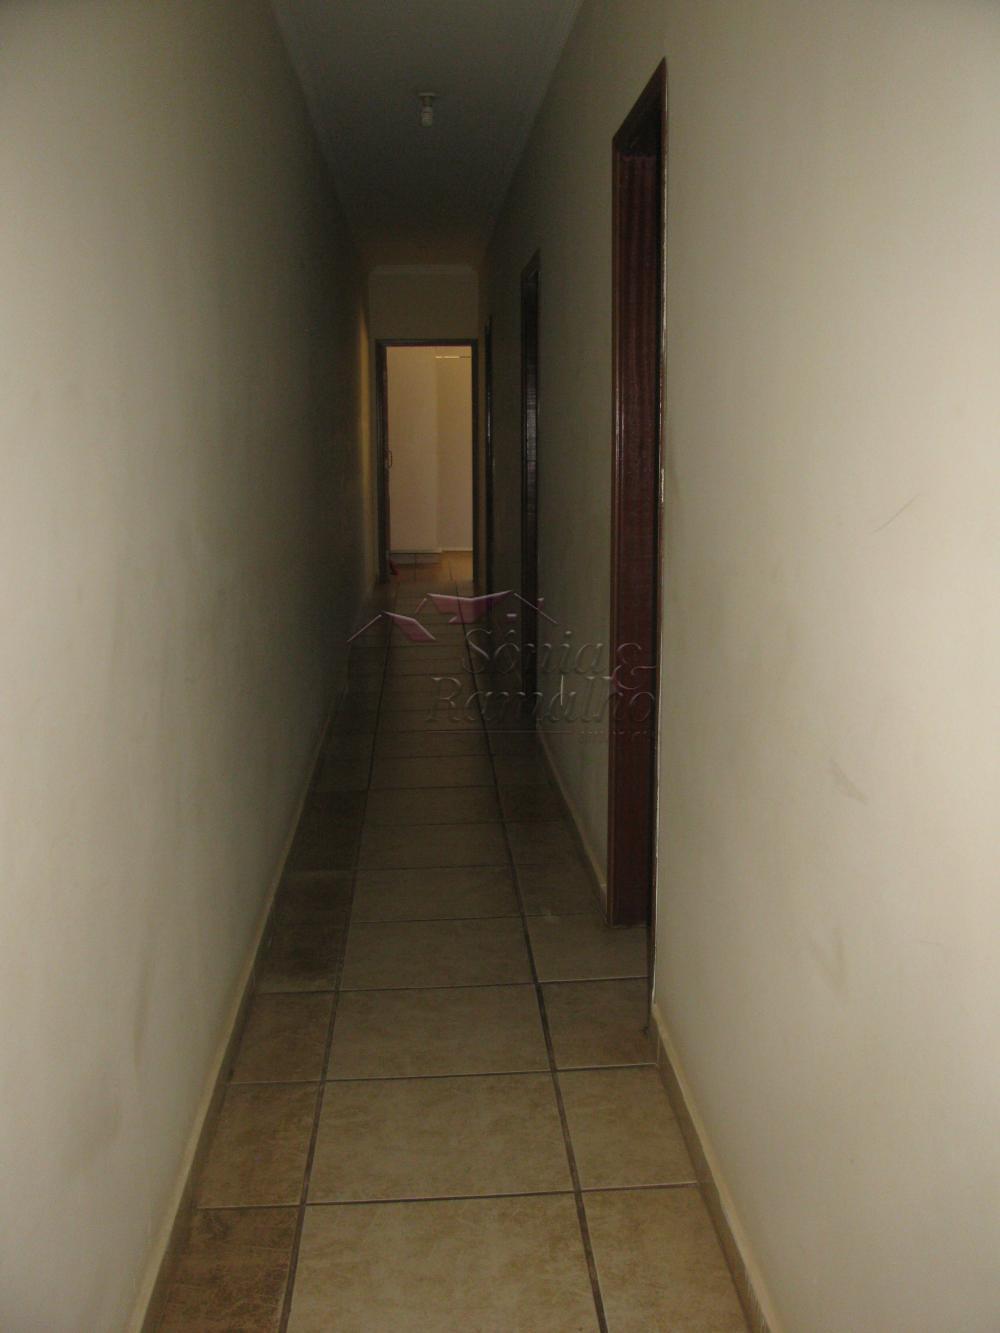 Comprar Casas / Padrão em Ribeirão Preto apenas R$ 400.000,00 - Foto 5